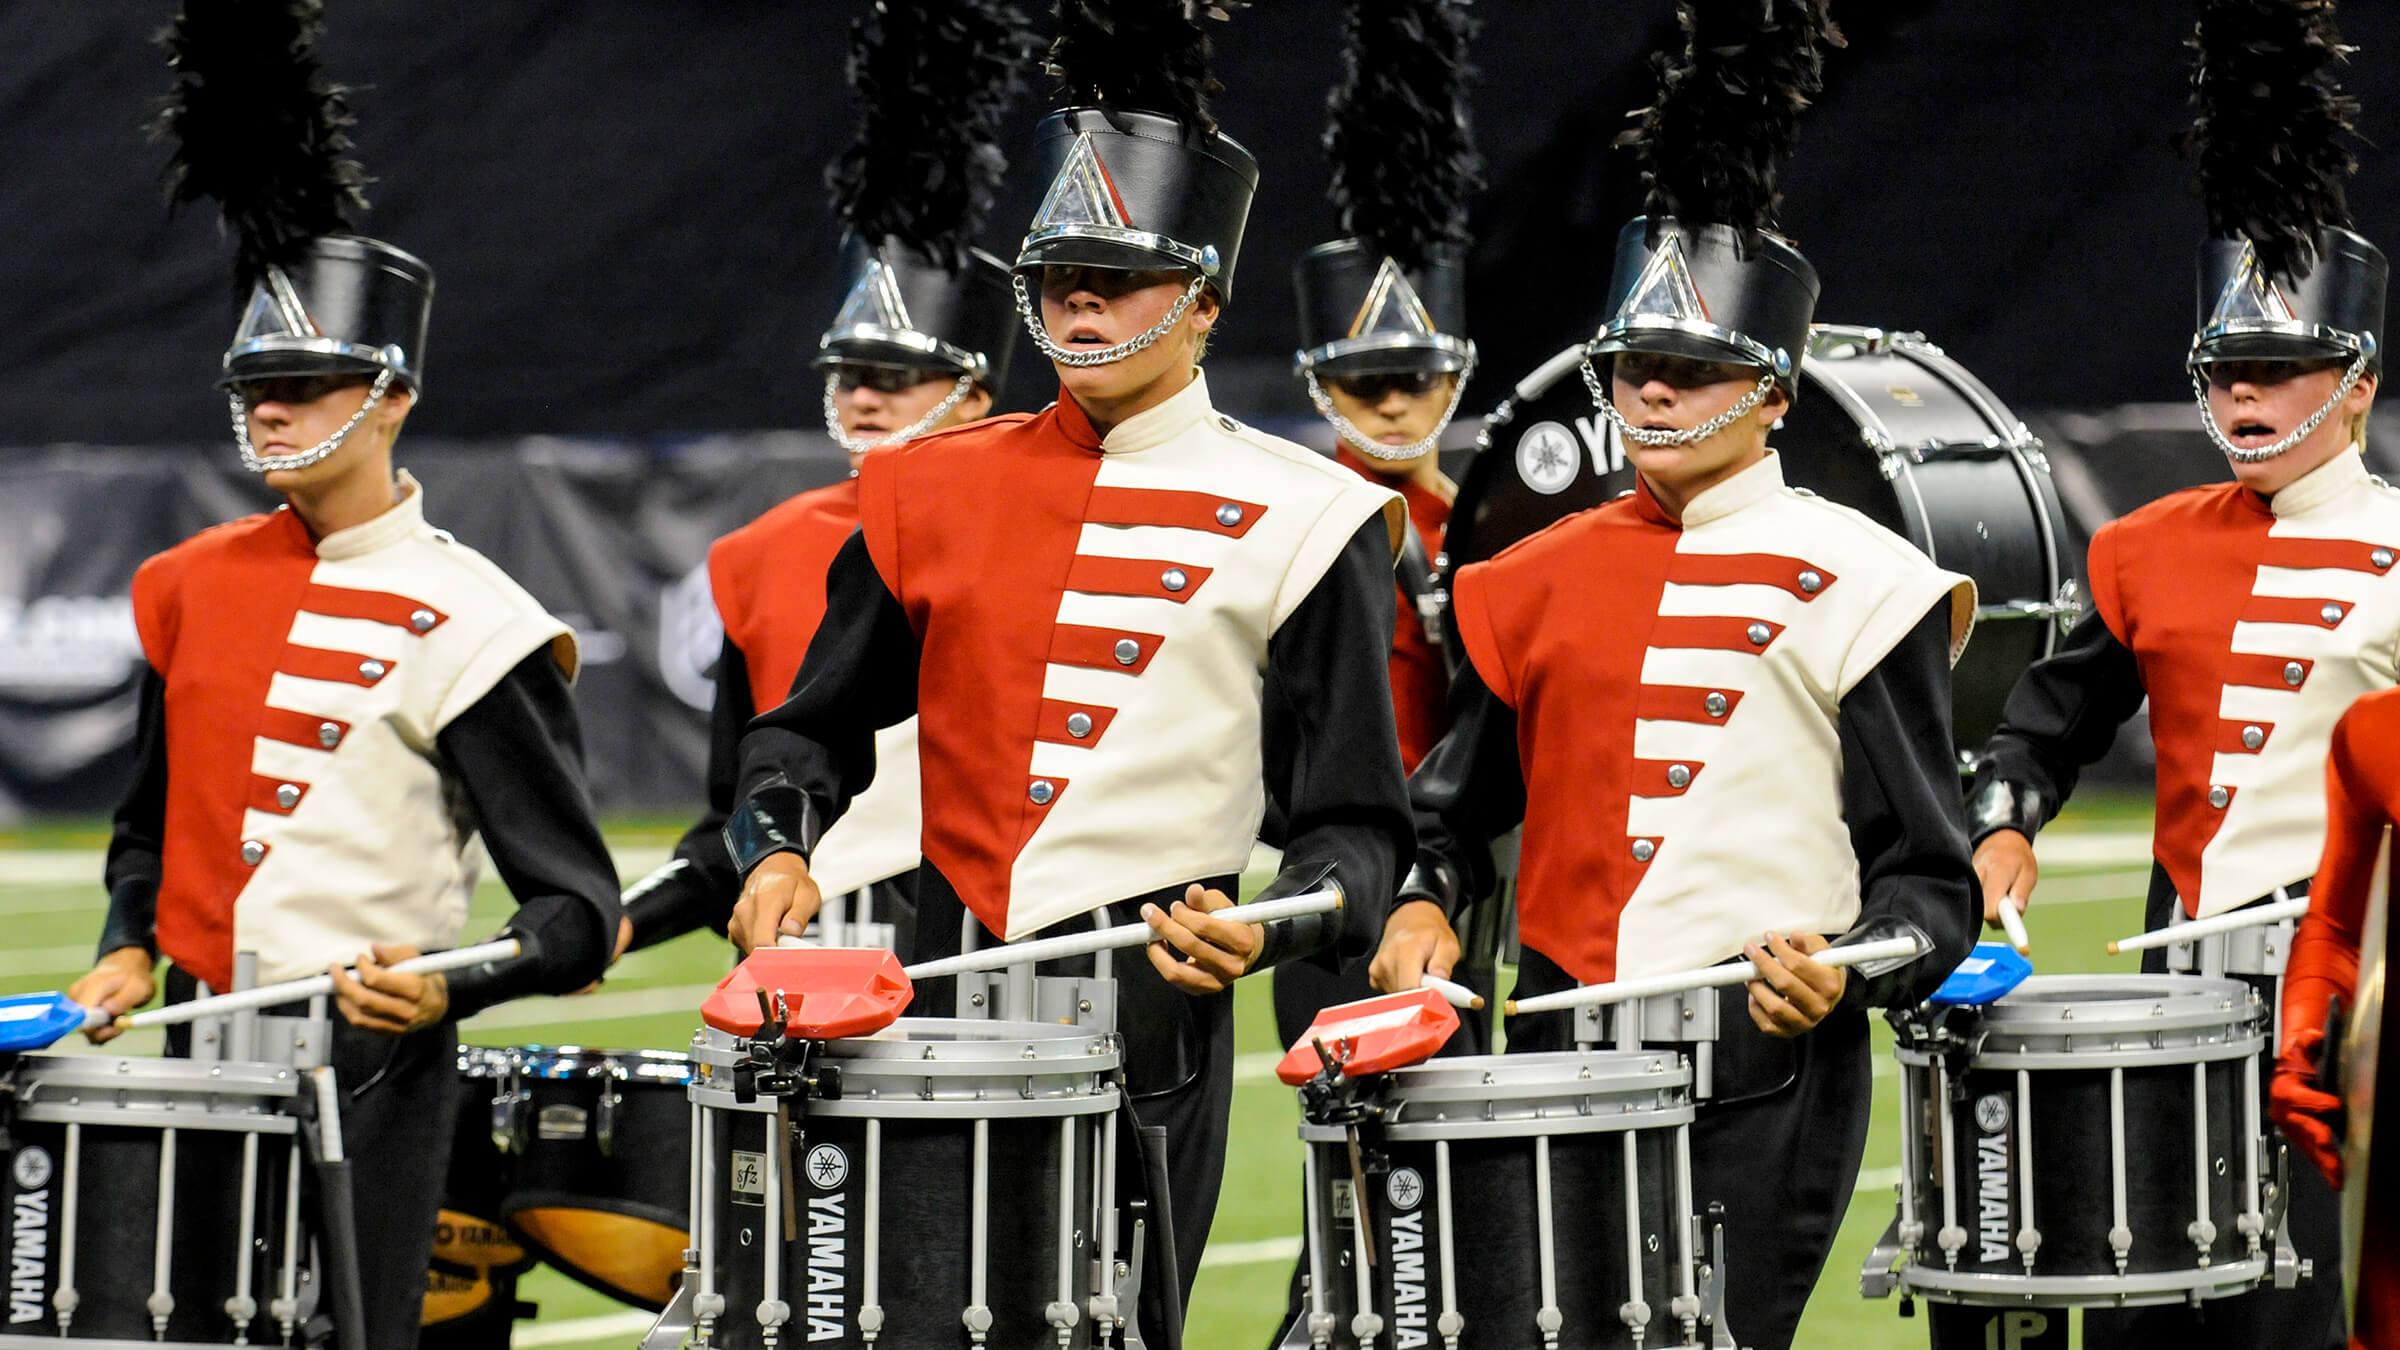 2012 Colt Cadets